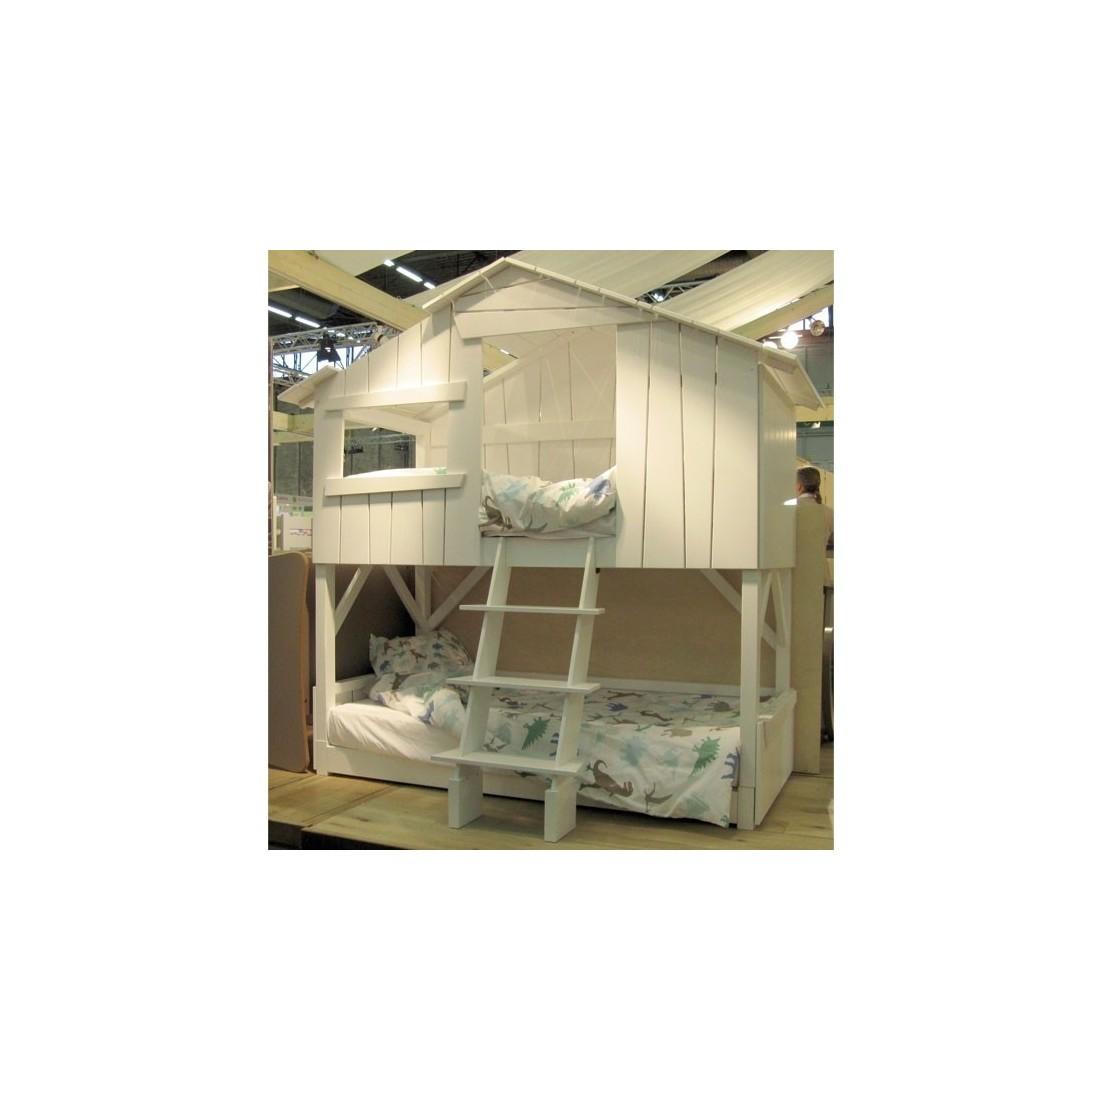 lit cabane enfant superpos coloris au choix mathy by. Black Bedroom Furniture Sets. Home Design Ideas